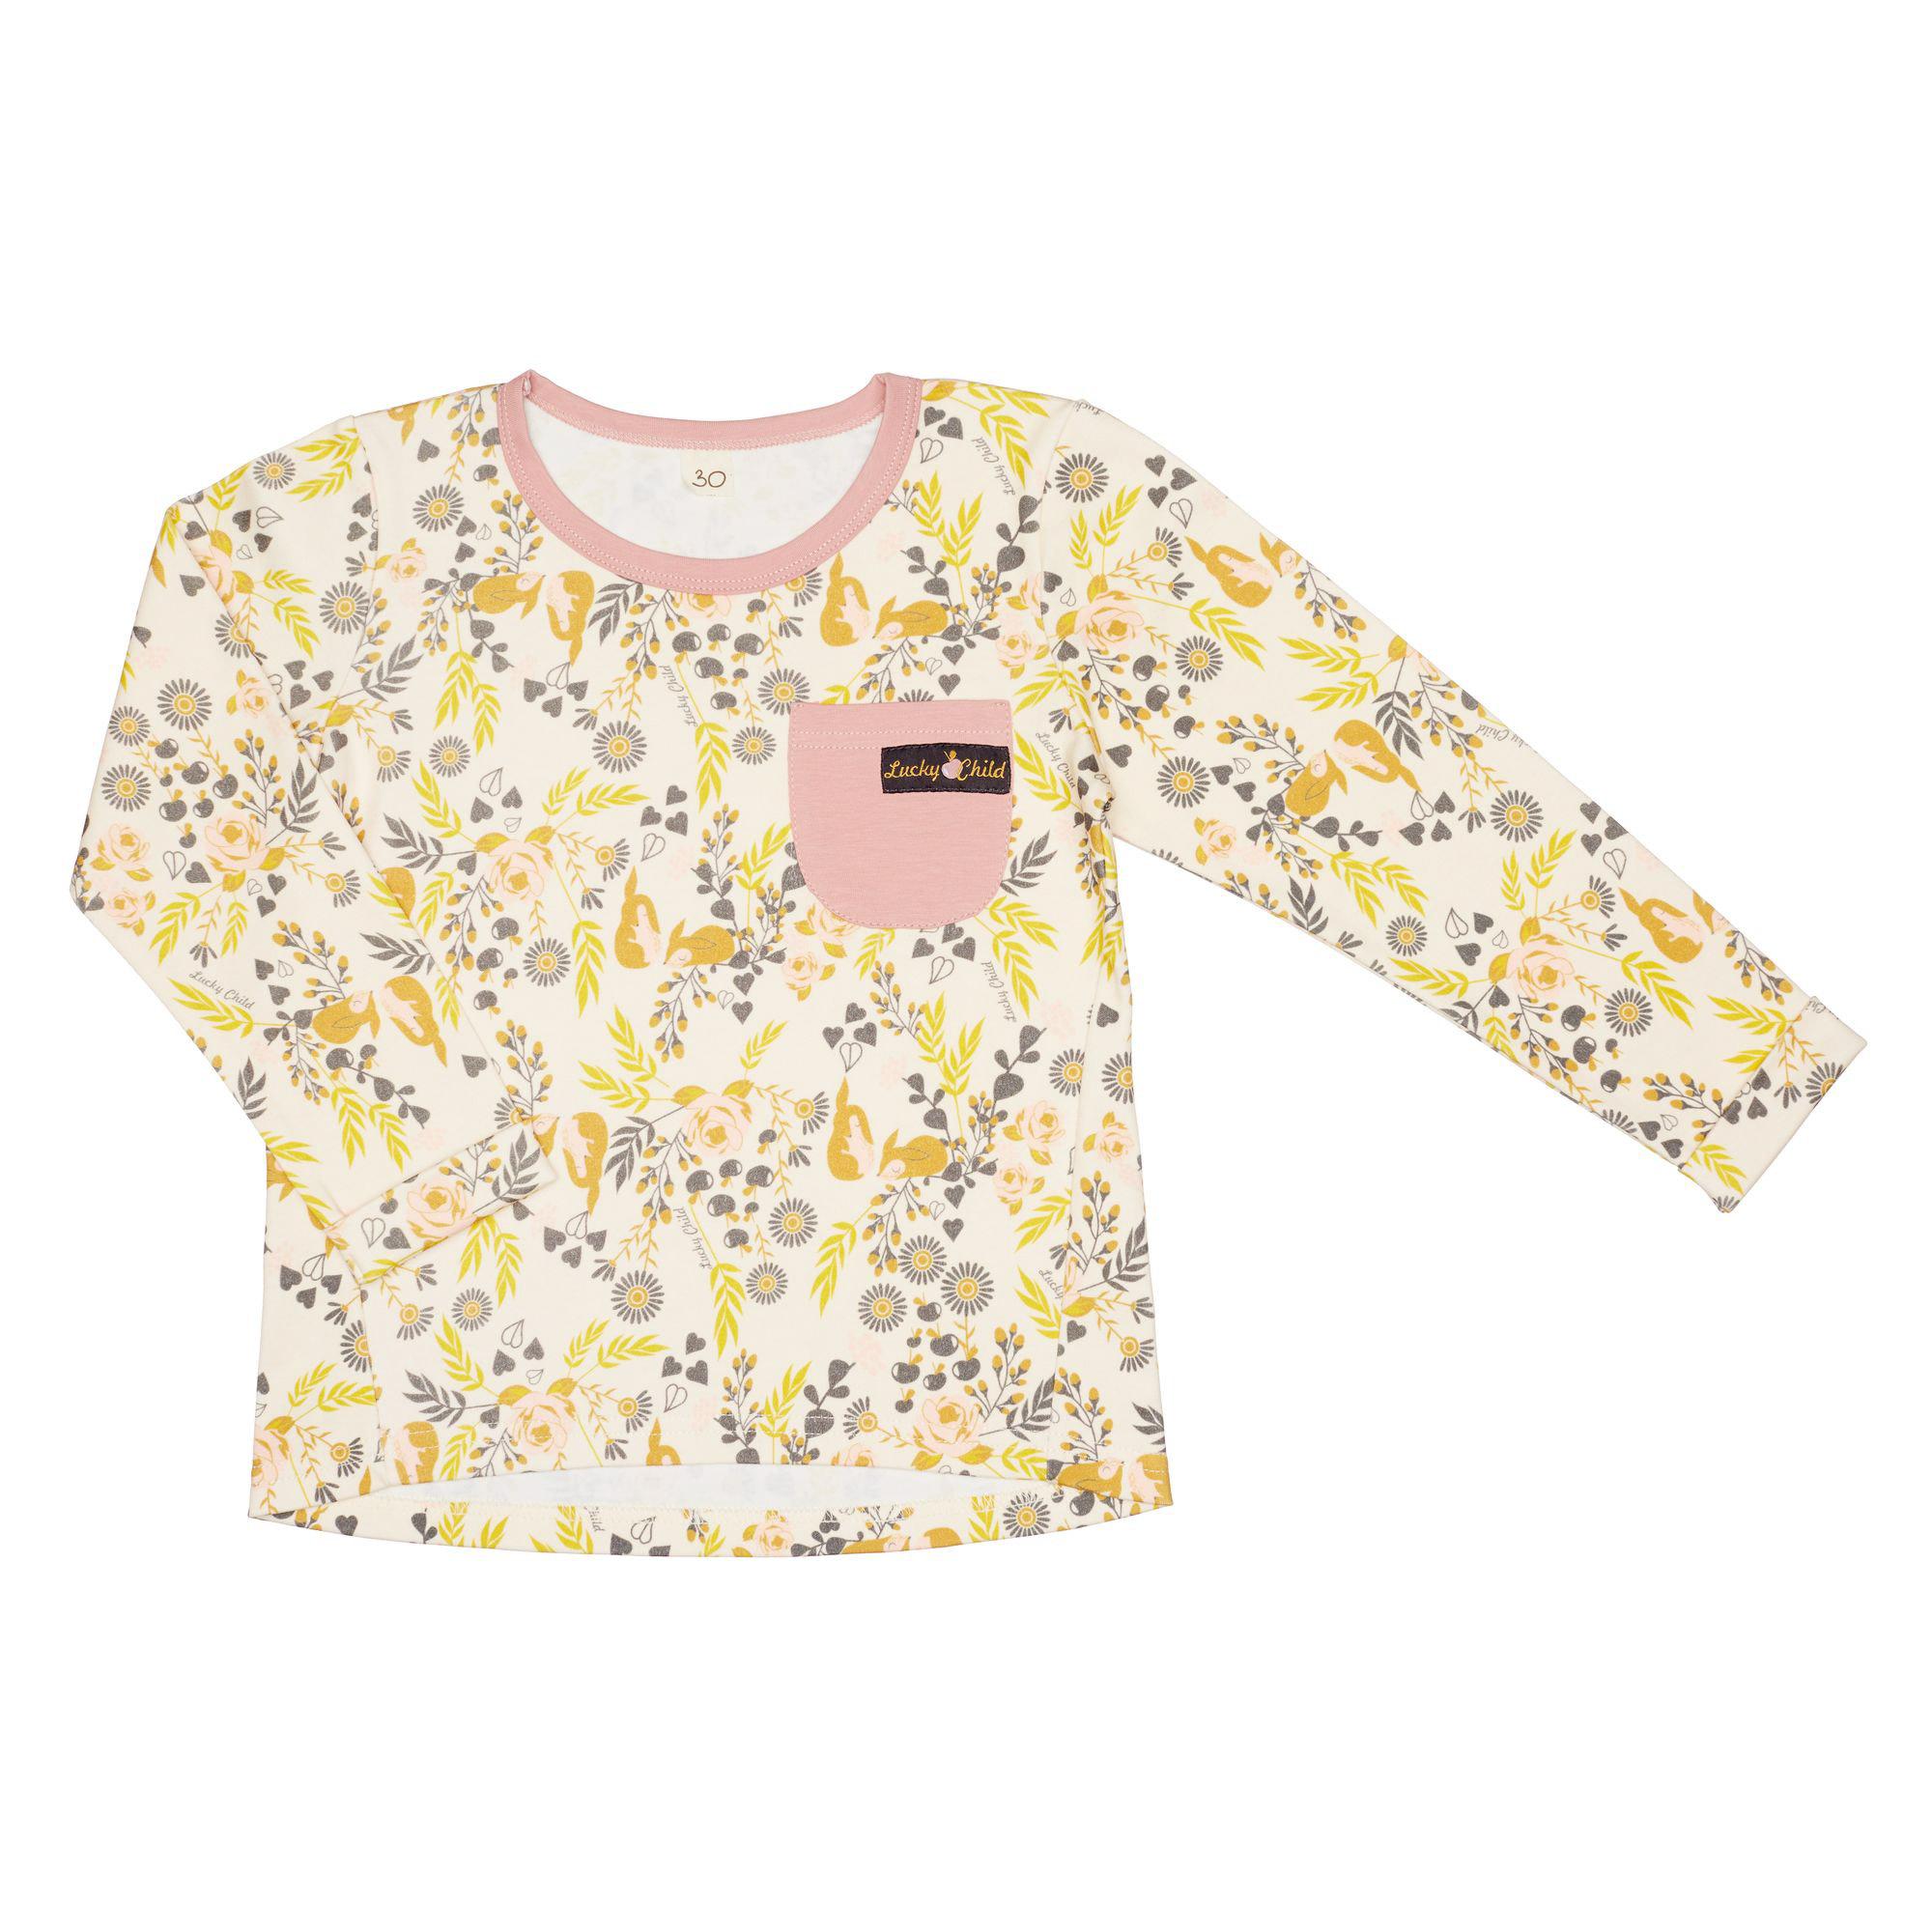 Купить Лонгслив Lucky Child Осенний лес цветной 116-122, Разноцветный, Кулирка, Для девочек, Осень-Зима,